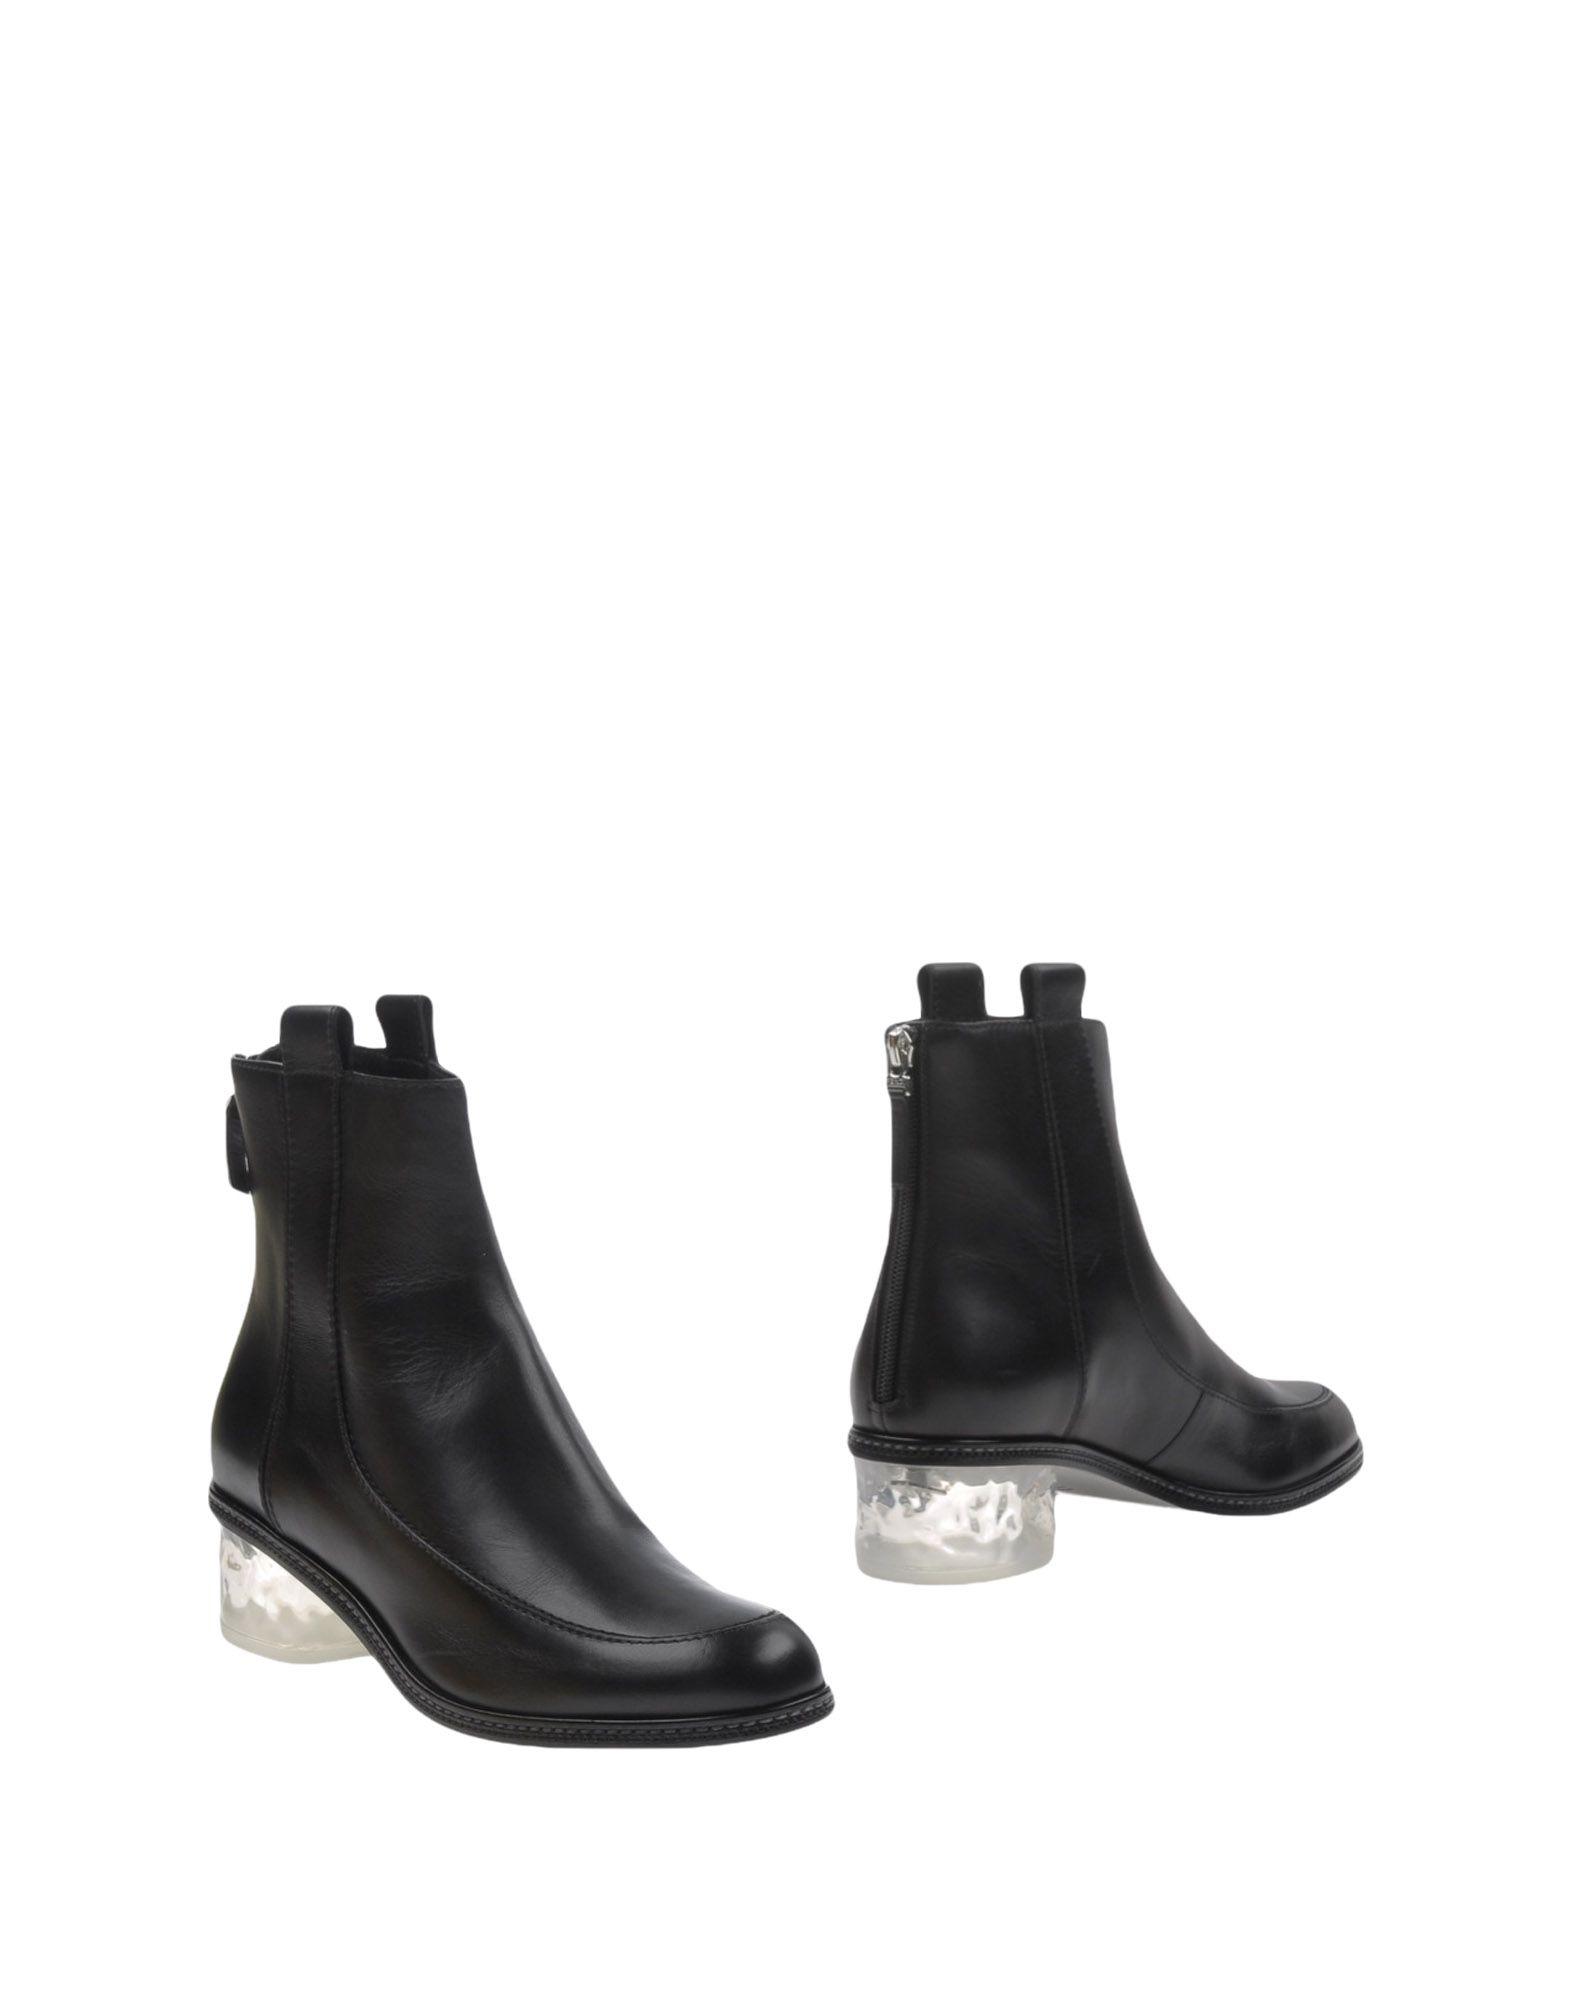 Fendi Stiefelette Damen  11366851FVGünstige gut aussehende Schuhe